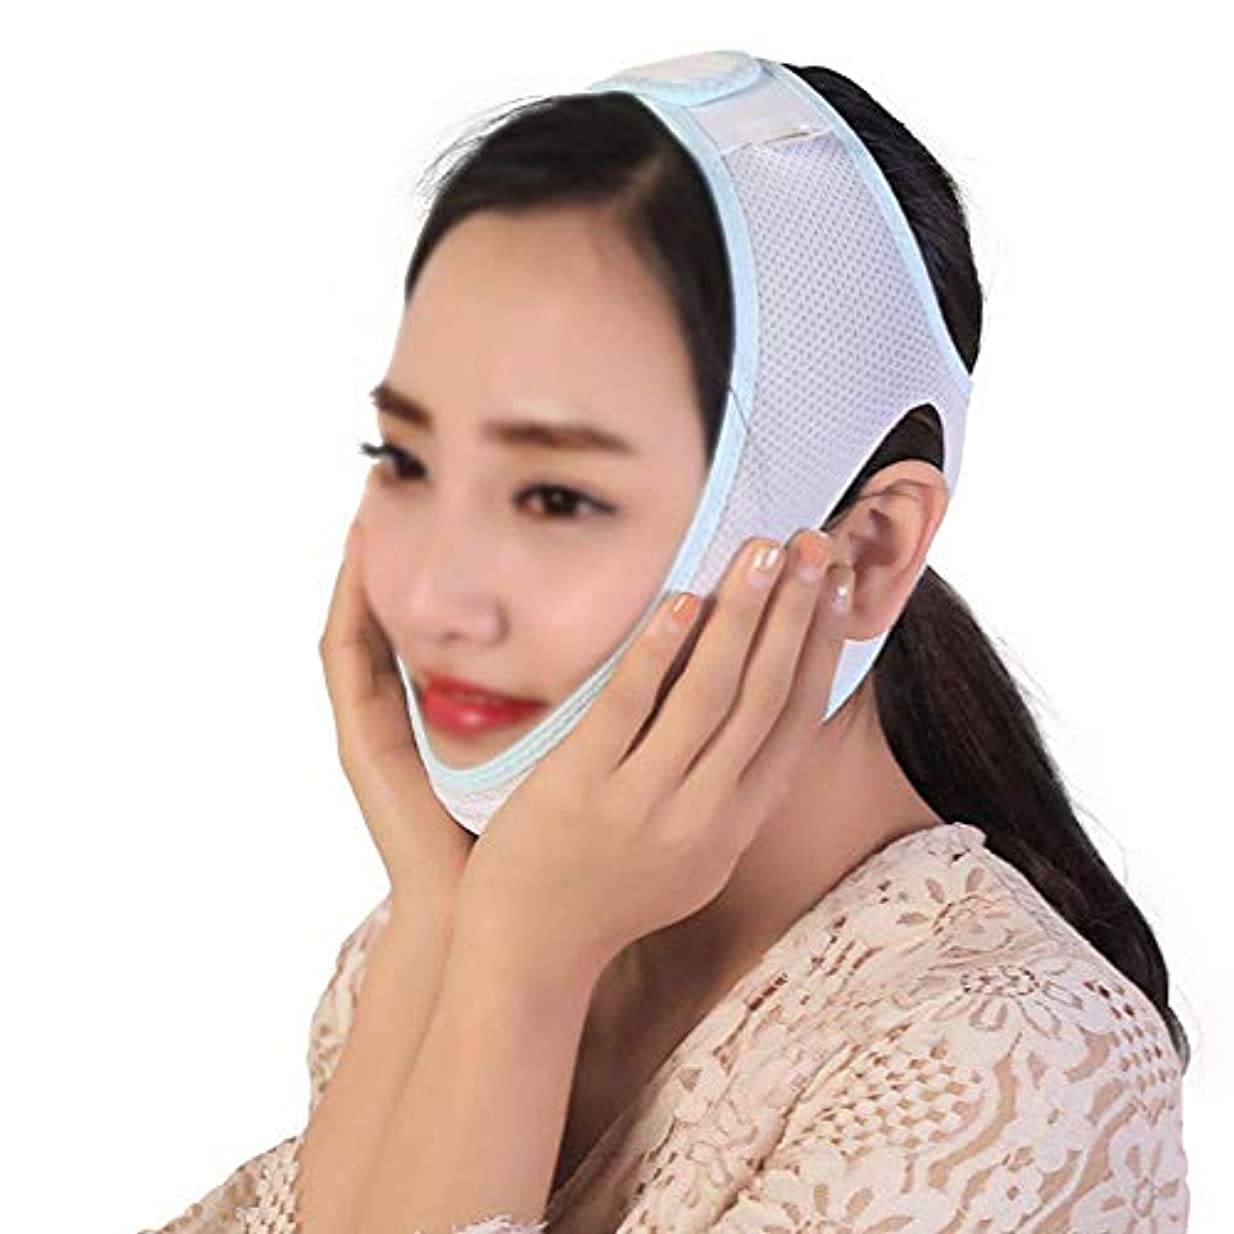 膨張する線形脅迫ファーミングフェイスマスク、スモールVフェイスアーティファクトリフティングフェイスプラスチックフェイスマスクコンフォートアップグレードの最適化フェイスカーブの包括的な通気性包帯の改善(サイズ:M)